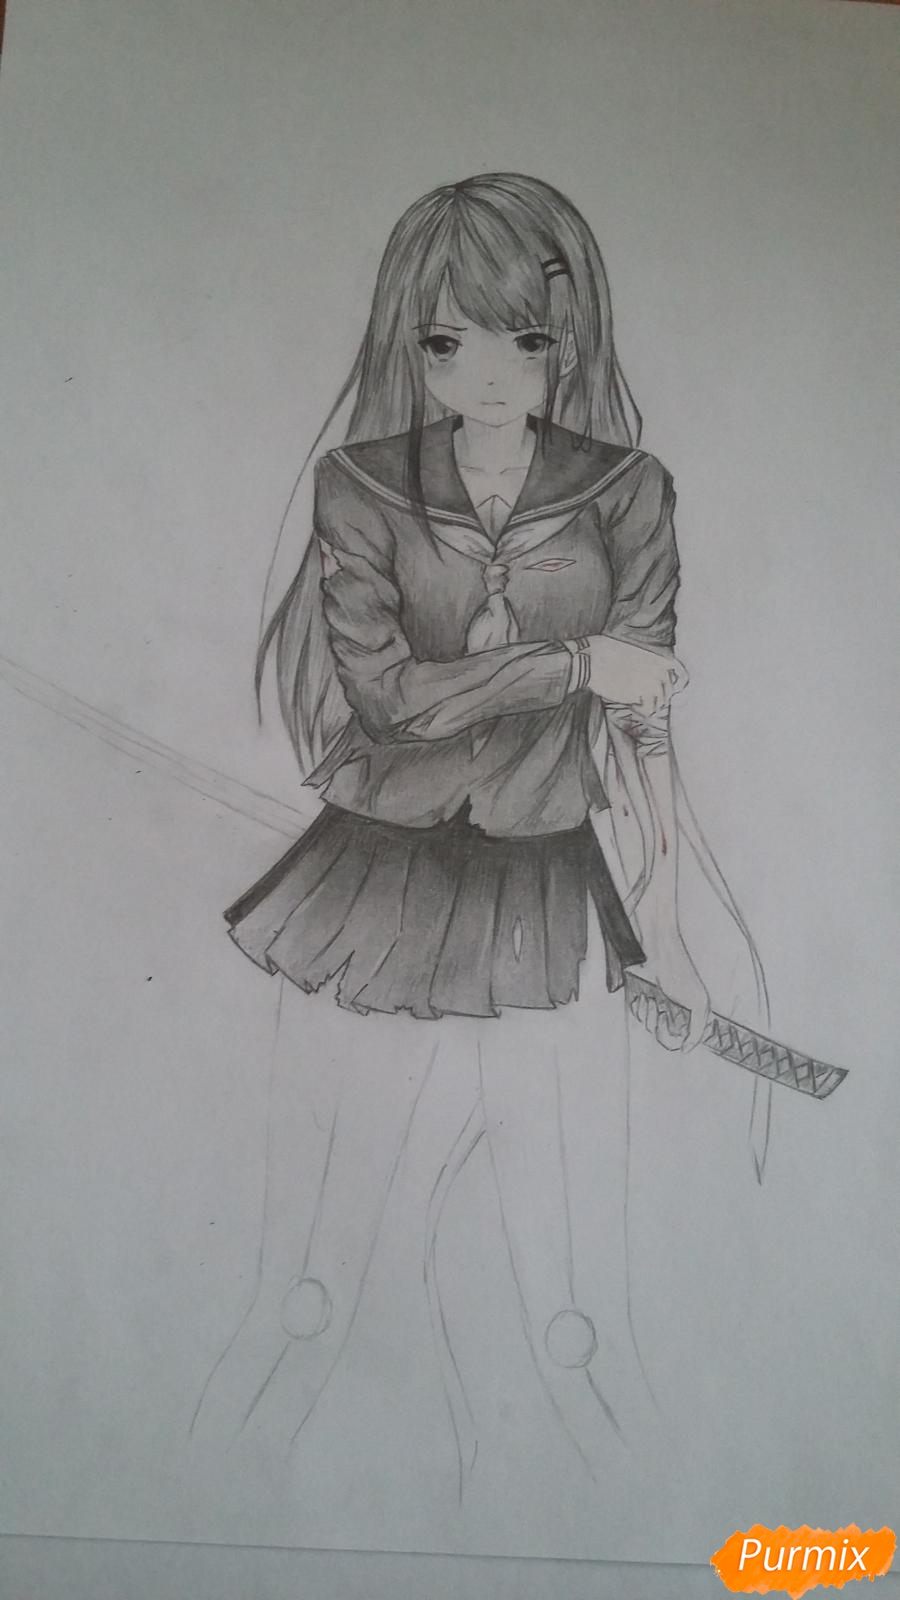 Рисуем девушку с катаной в аниме стиле - шаг 14